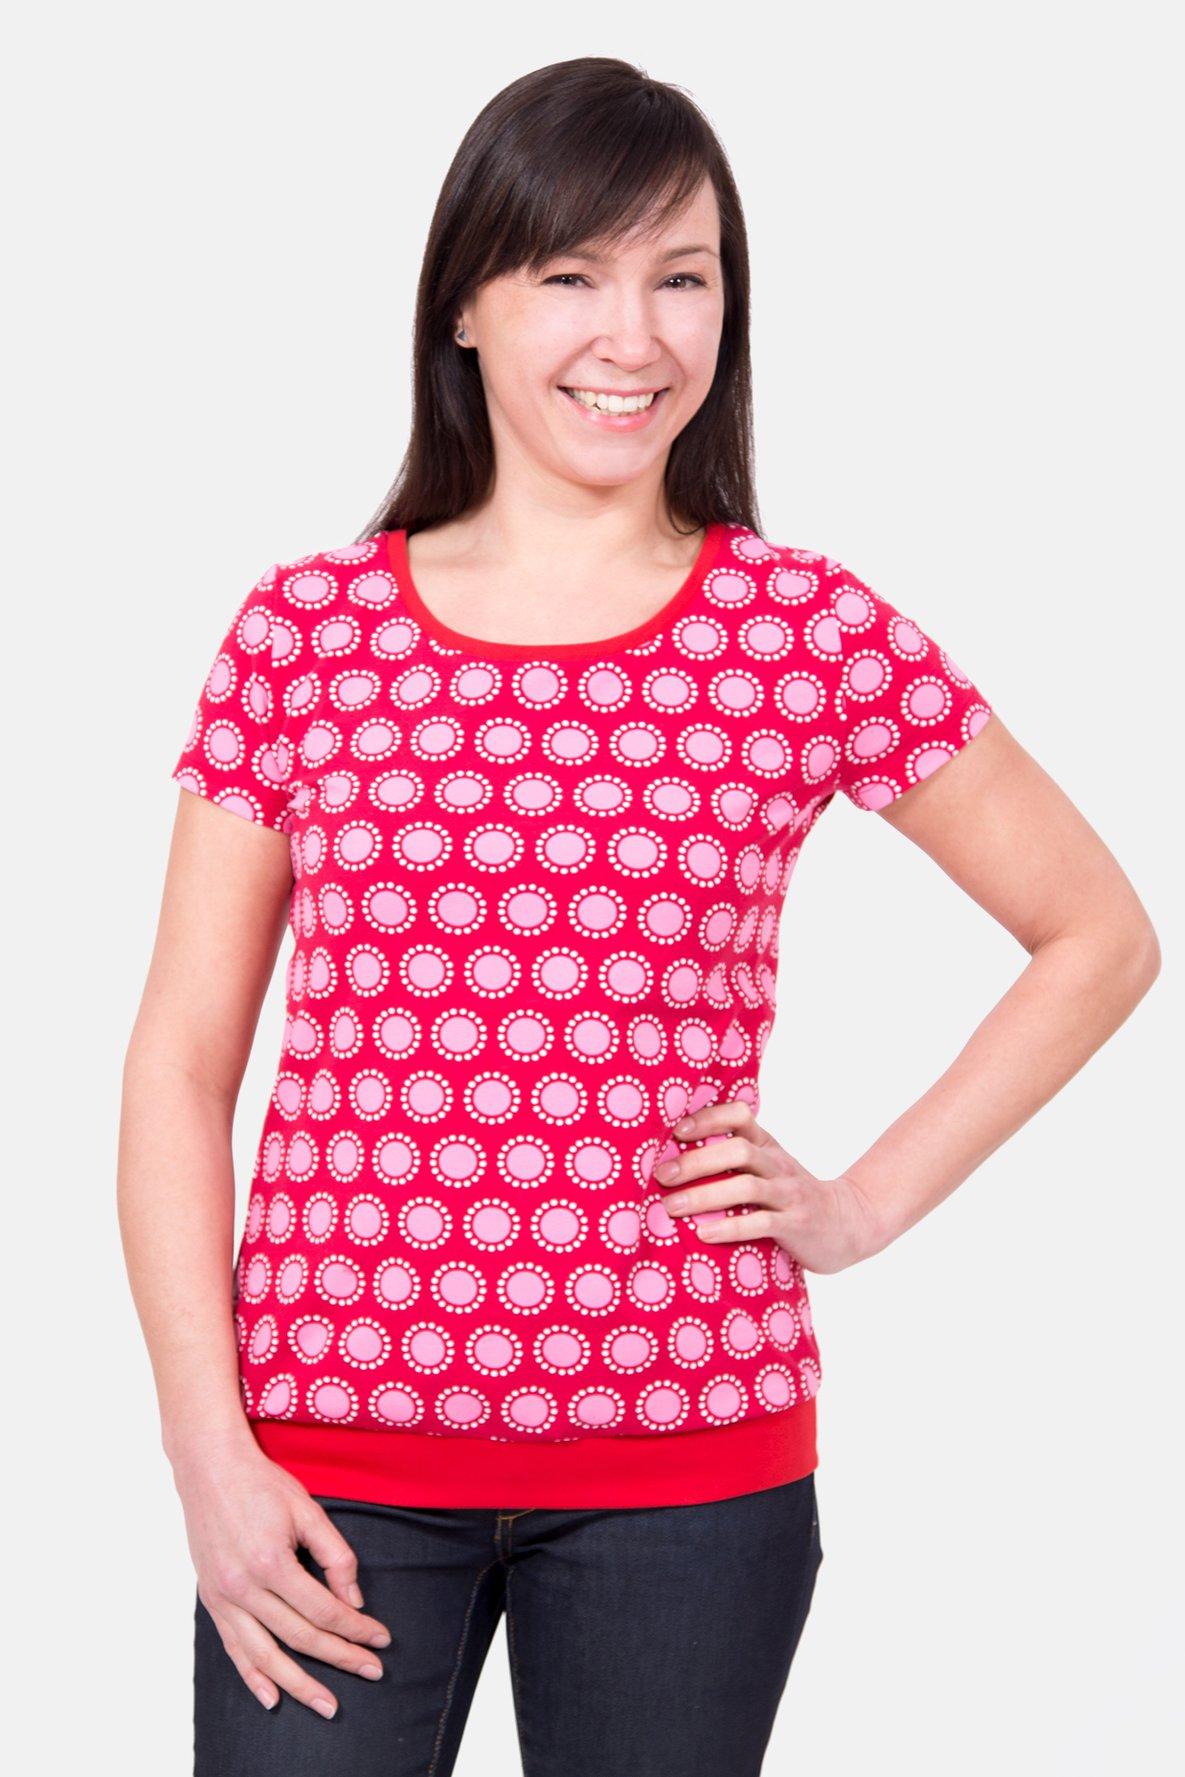 4183ce6198d830 Schnittmuster Shirt runder Ausschnitt Bündchen nähen